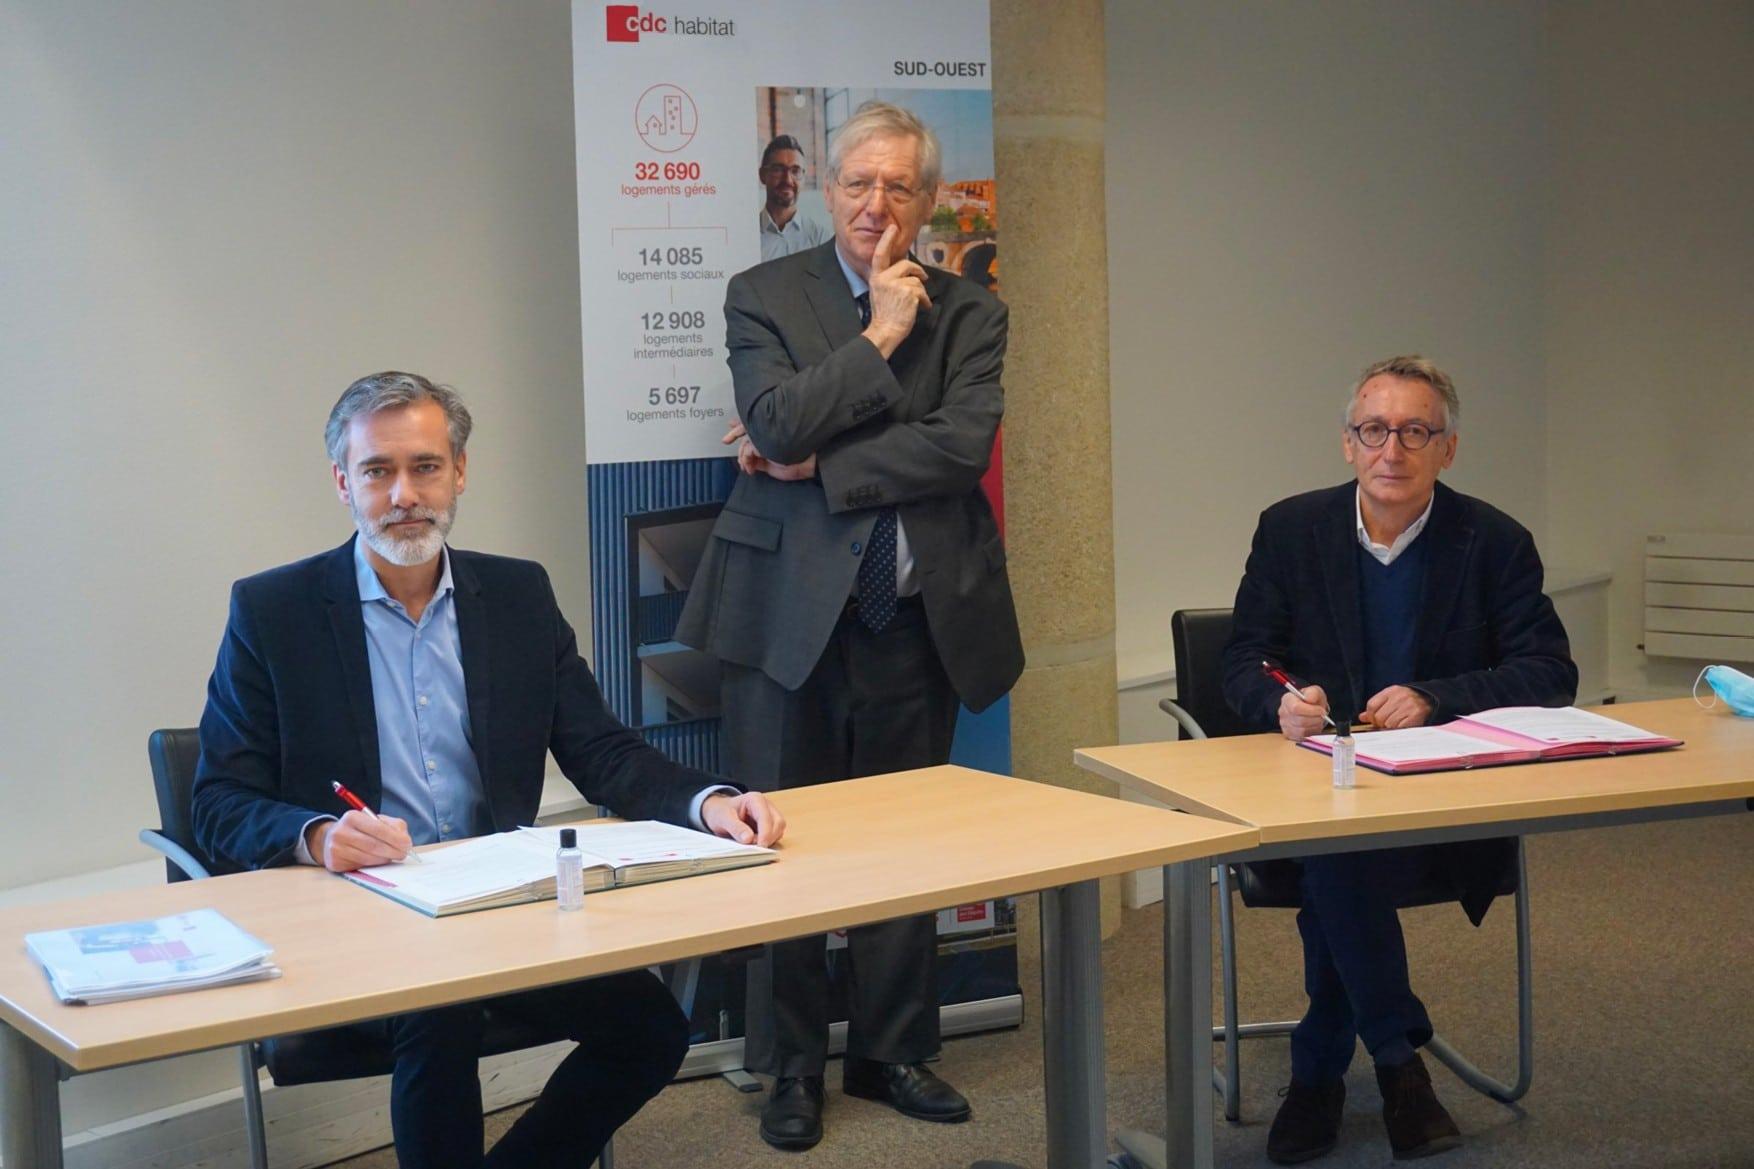 Un partenariat pour soutenir le logement des familles défavorisées en Gironde (33)